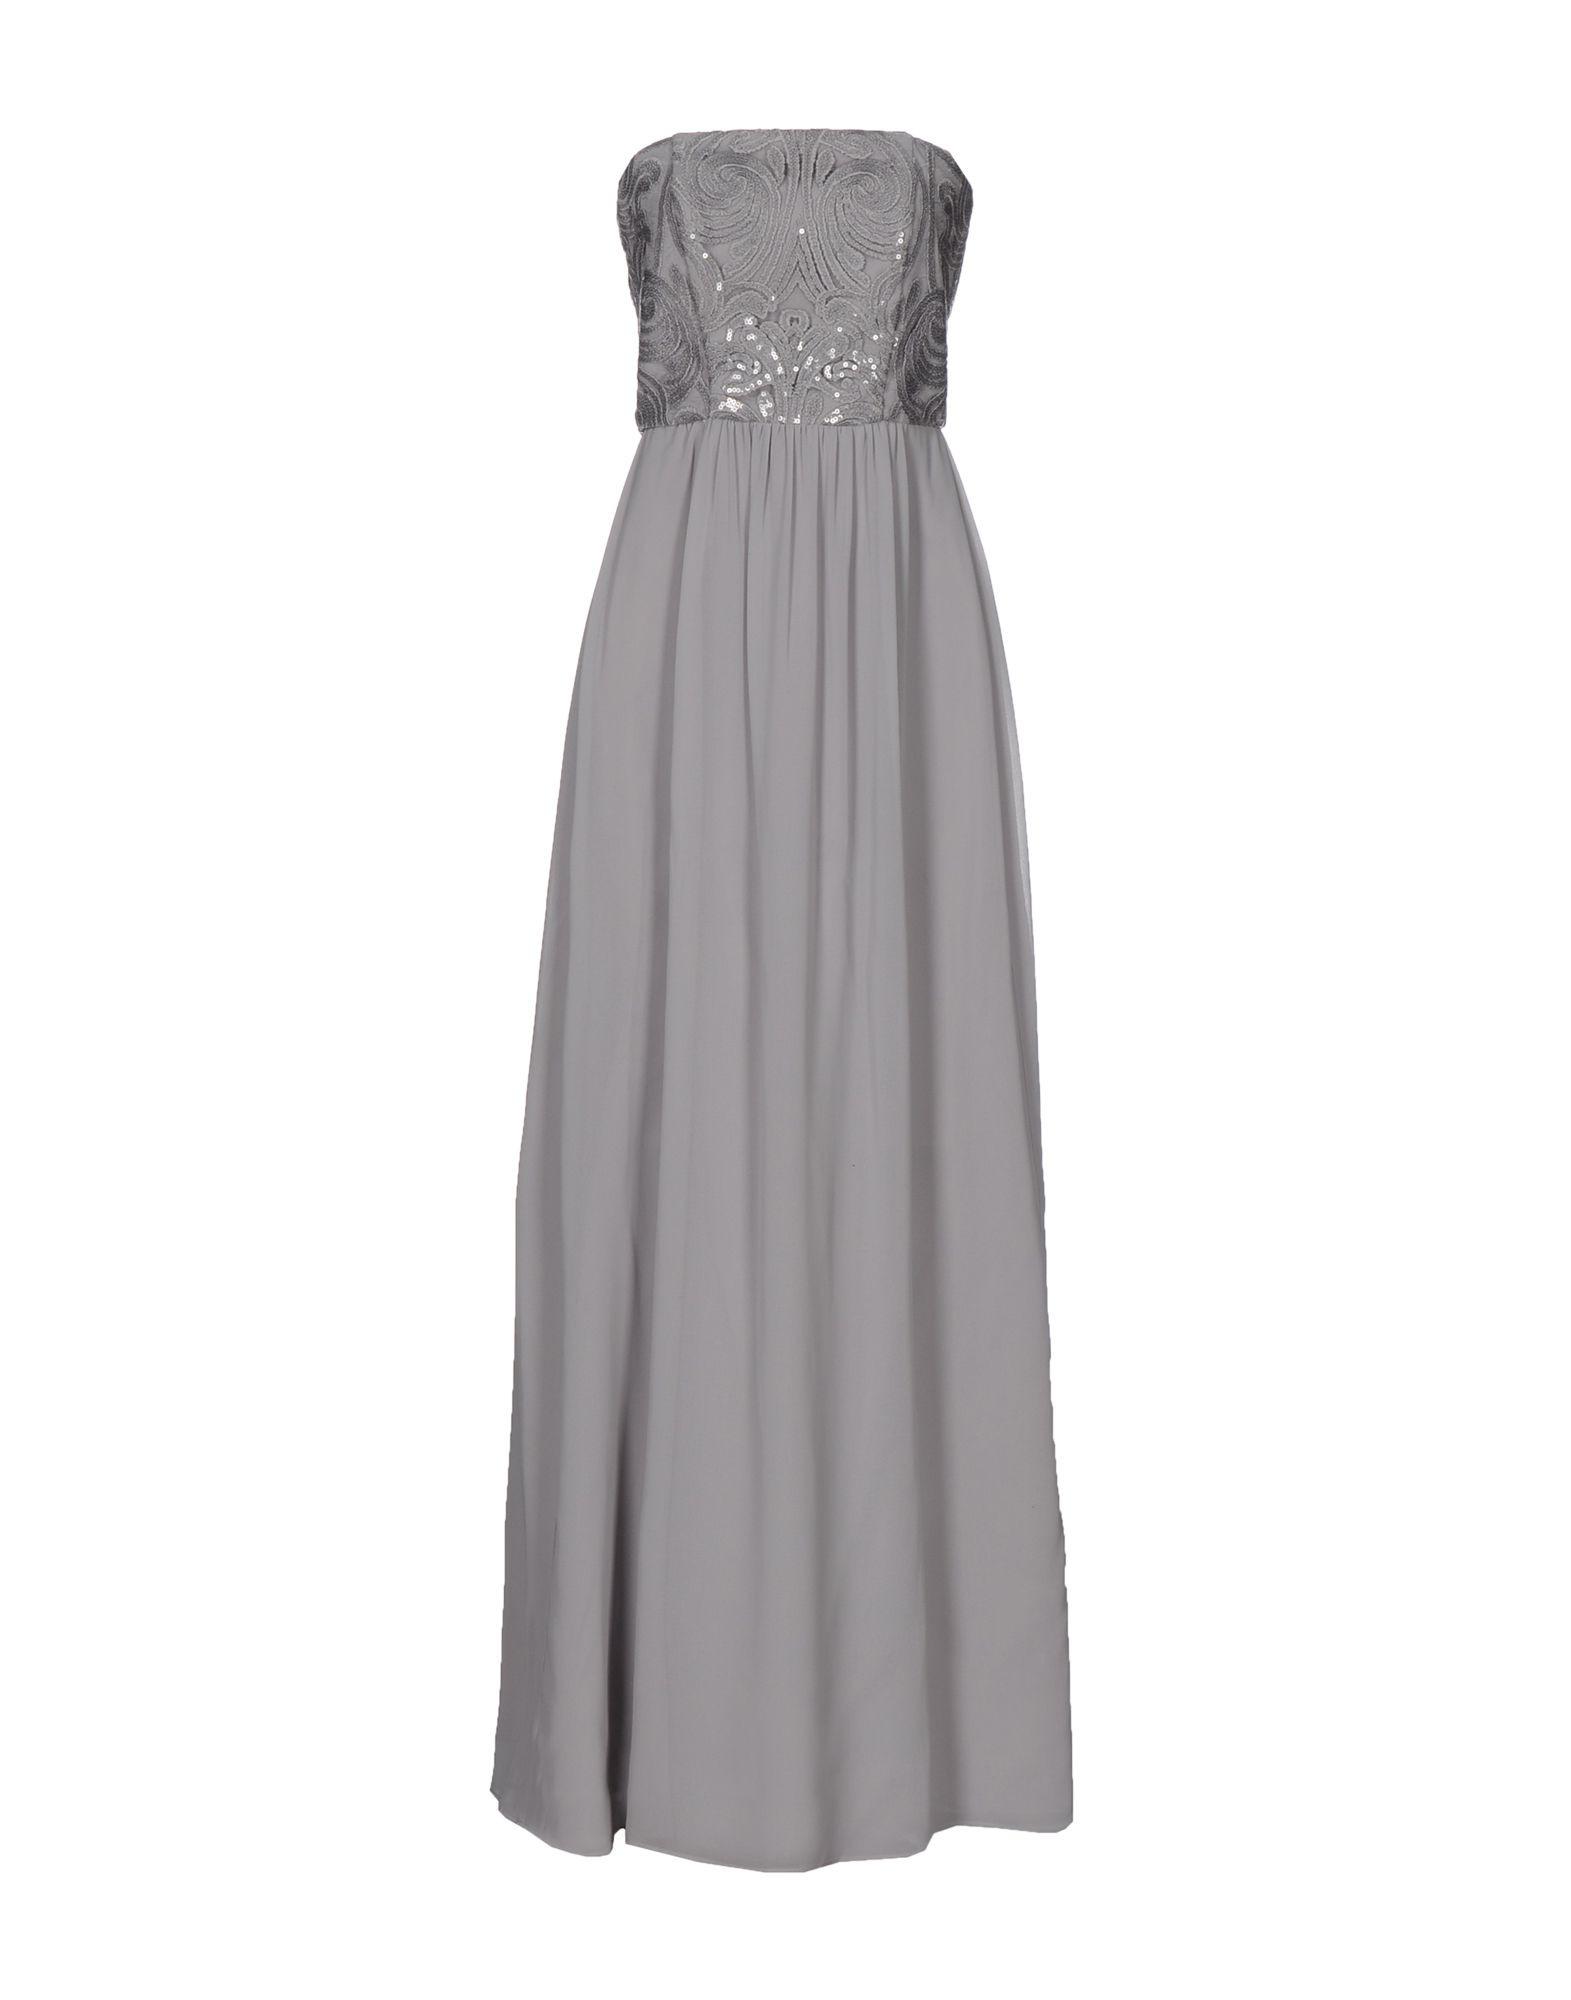 13 Spektakulär Abendkleid Young Couture Galerie20 Erstaunlich Abendkleid Young Couture Bester Preis